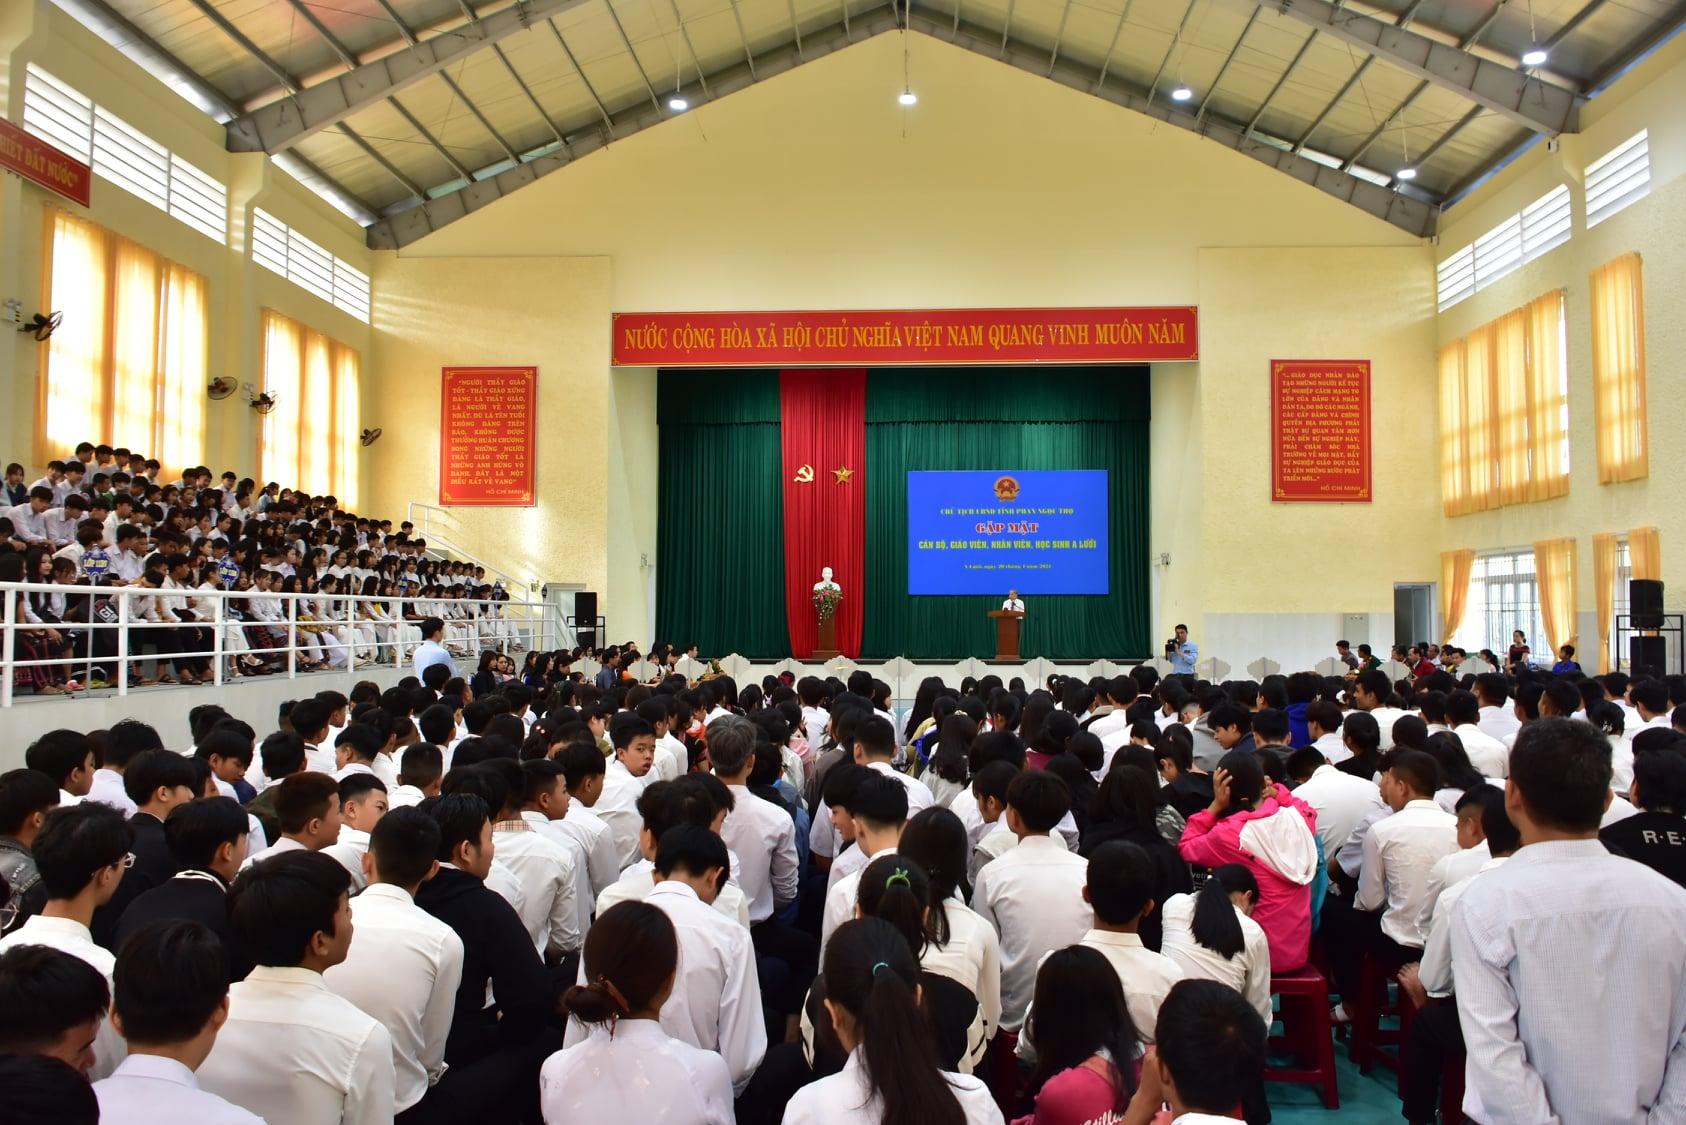 Hơn 800 học sinh, giáo viên Trường THPT A Lưới và những người làm công tác giáo dục huyện A Lưới tham gia buổi nói chuyện.